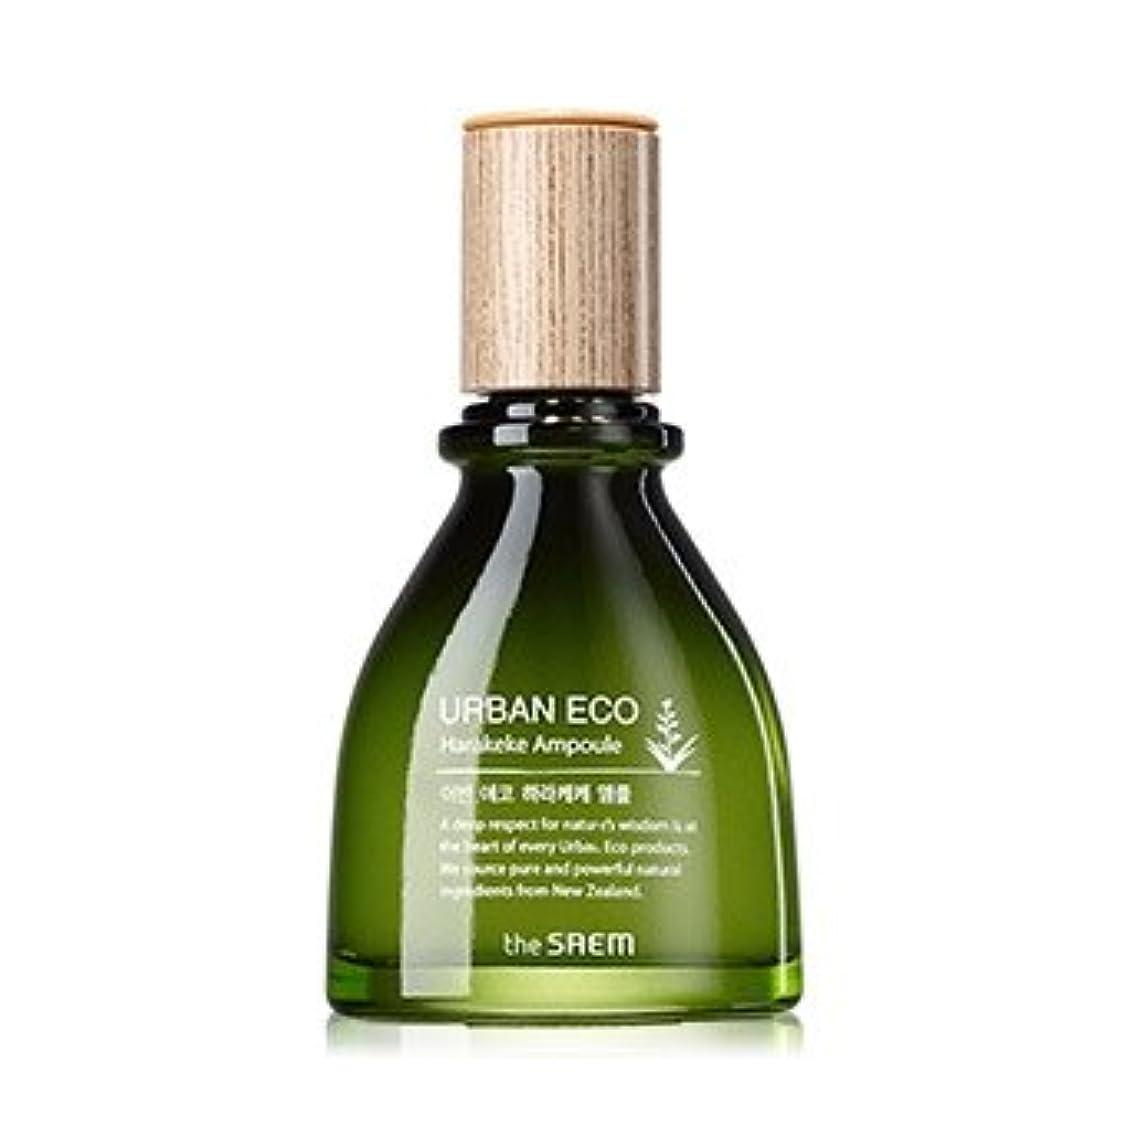 しゃがむ鼓舞する色the SAEM Urban Eco Harakeke Ampoule 45ml/ザセム アーバン エコ ハラケケ アンプル 45ml [並行輸入品]